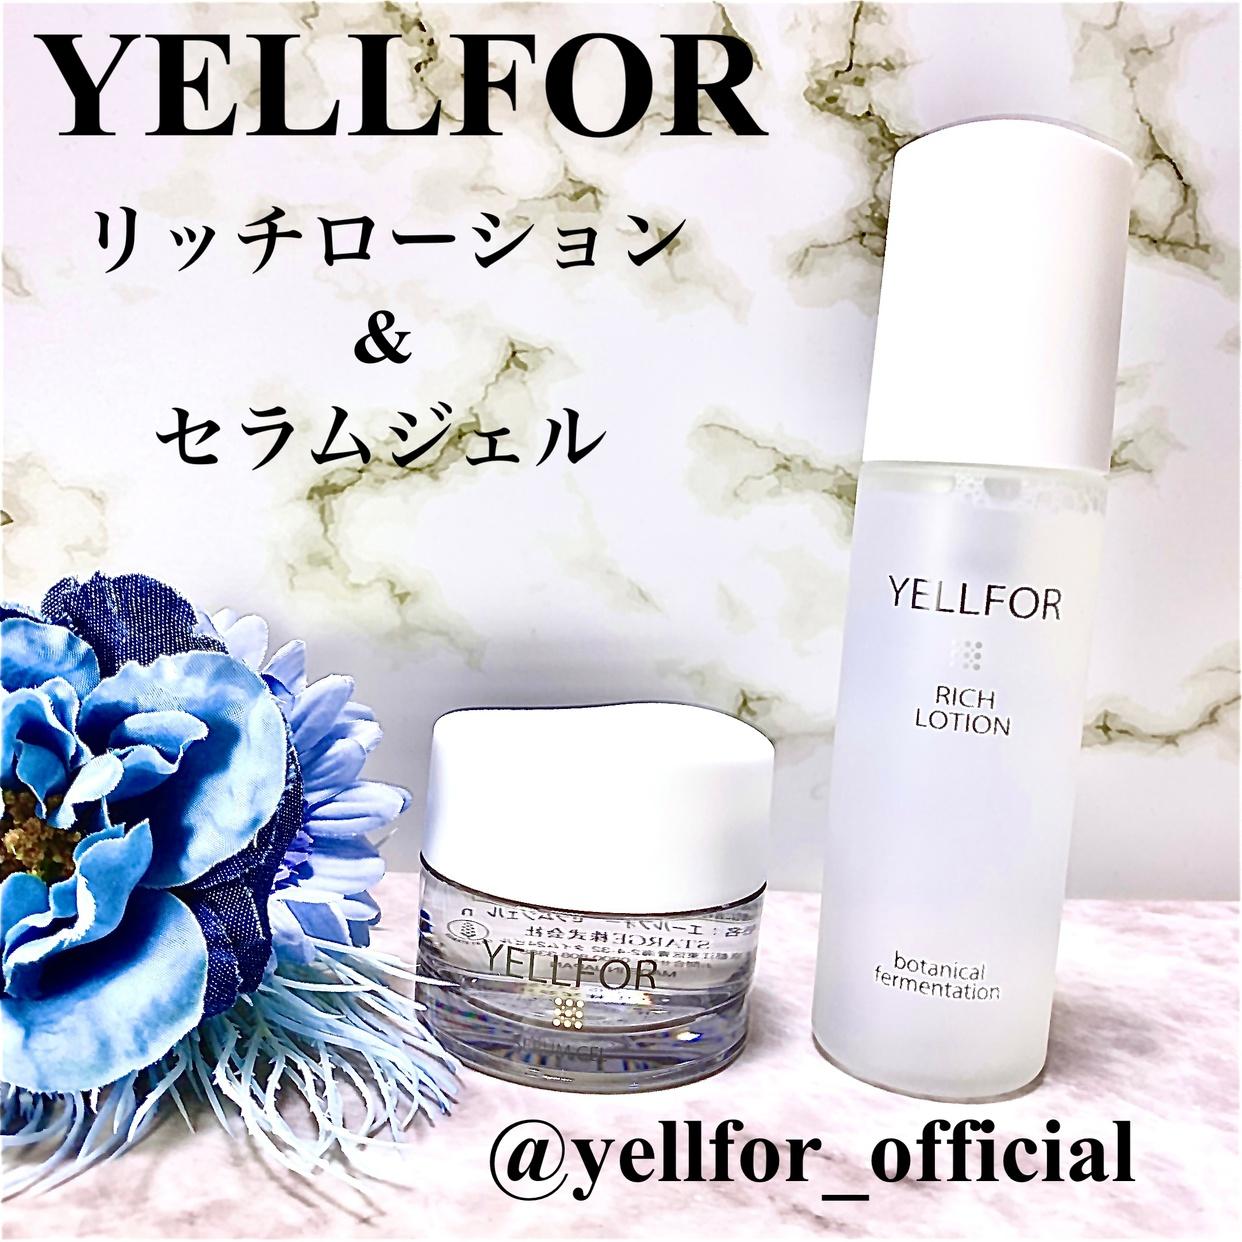 YELLFOR(エールフォー) セラムジェルを使ったkana_cafe_timeさんのクチコミ画像3